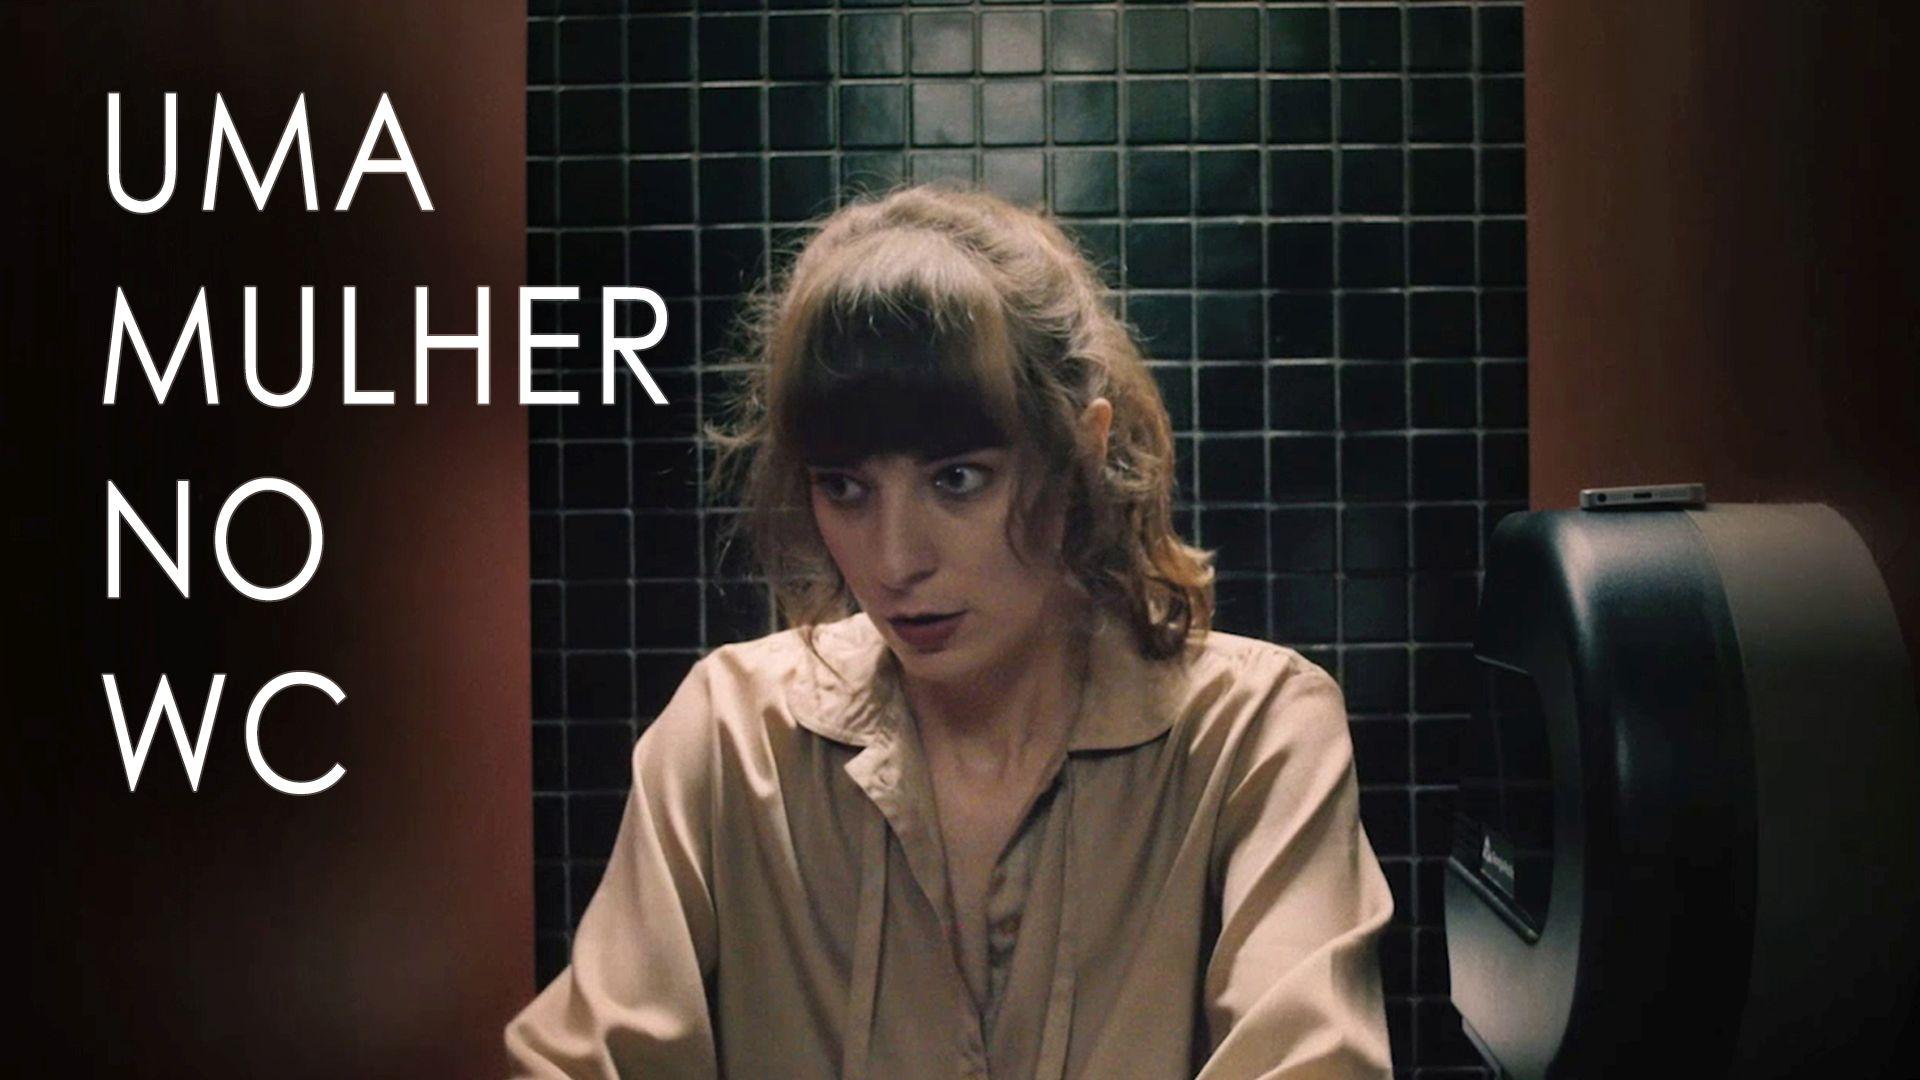 Uma Mulher no WC